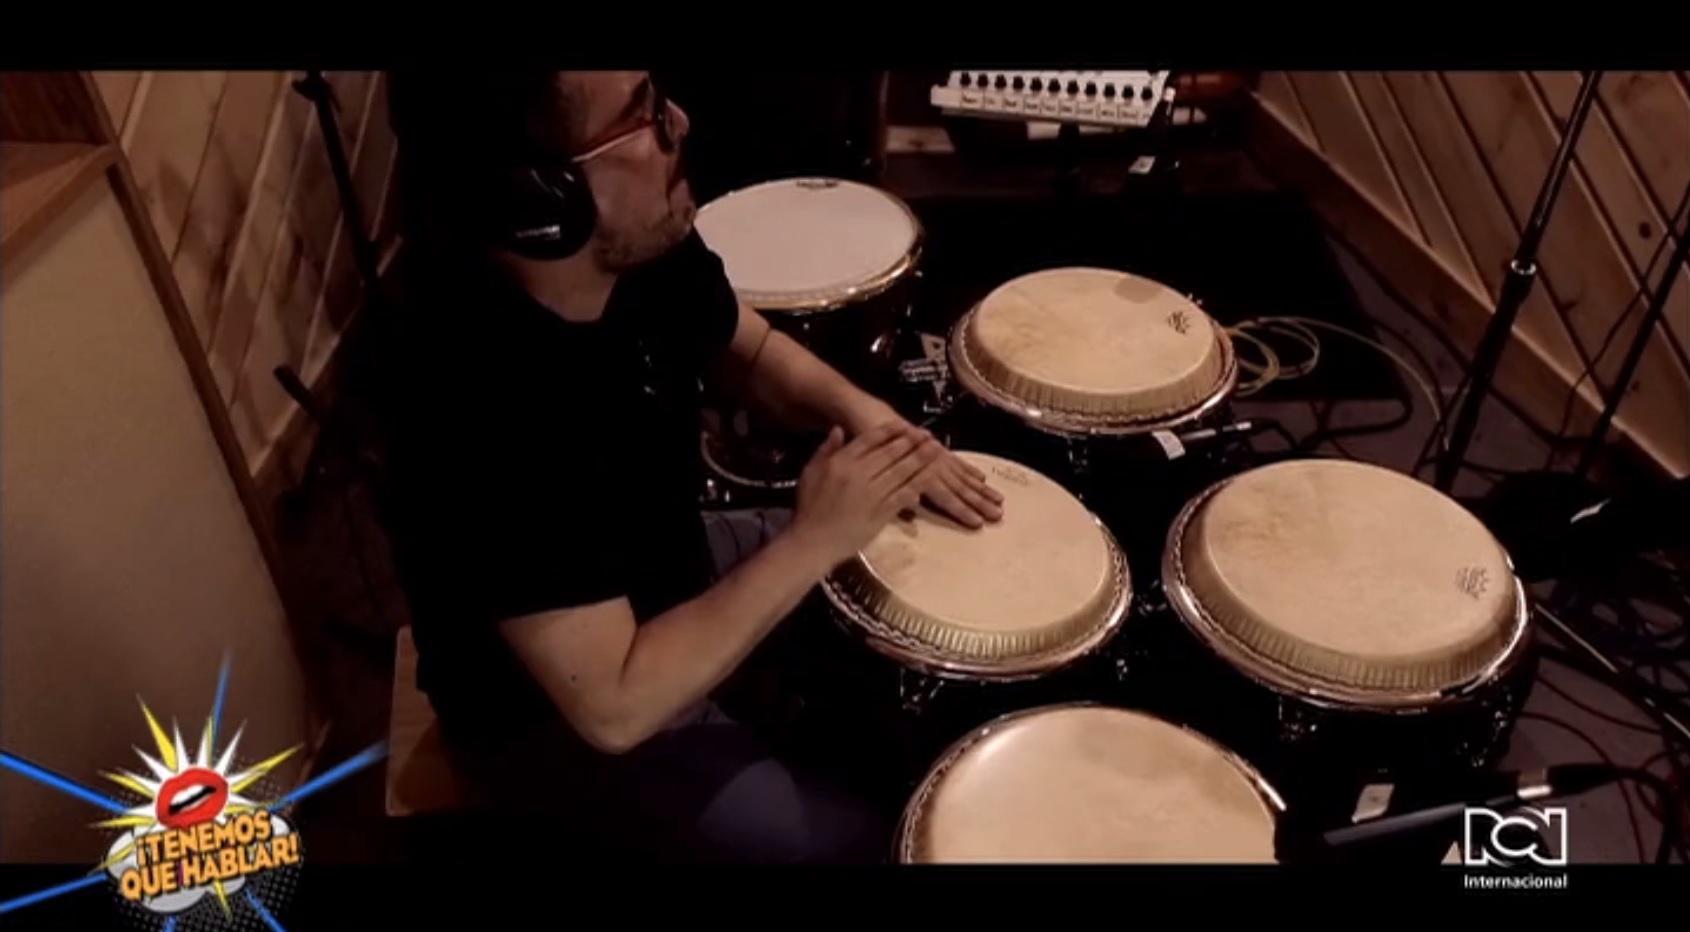 Percusionista colombiano Samuel Torres lanzó su nuevo álbum 'Alegría'